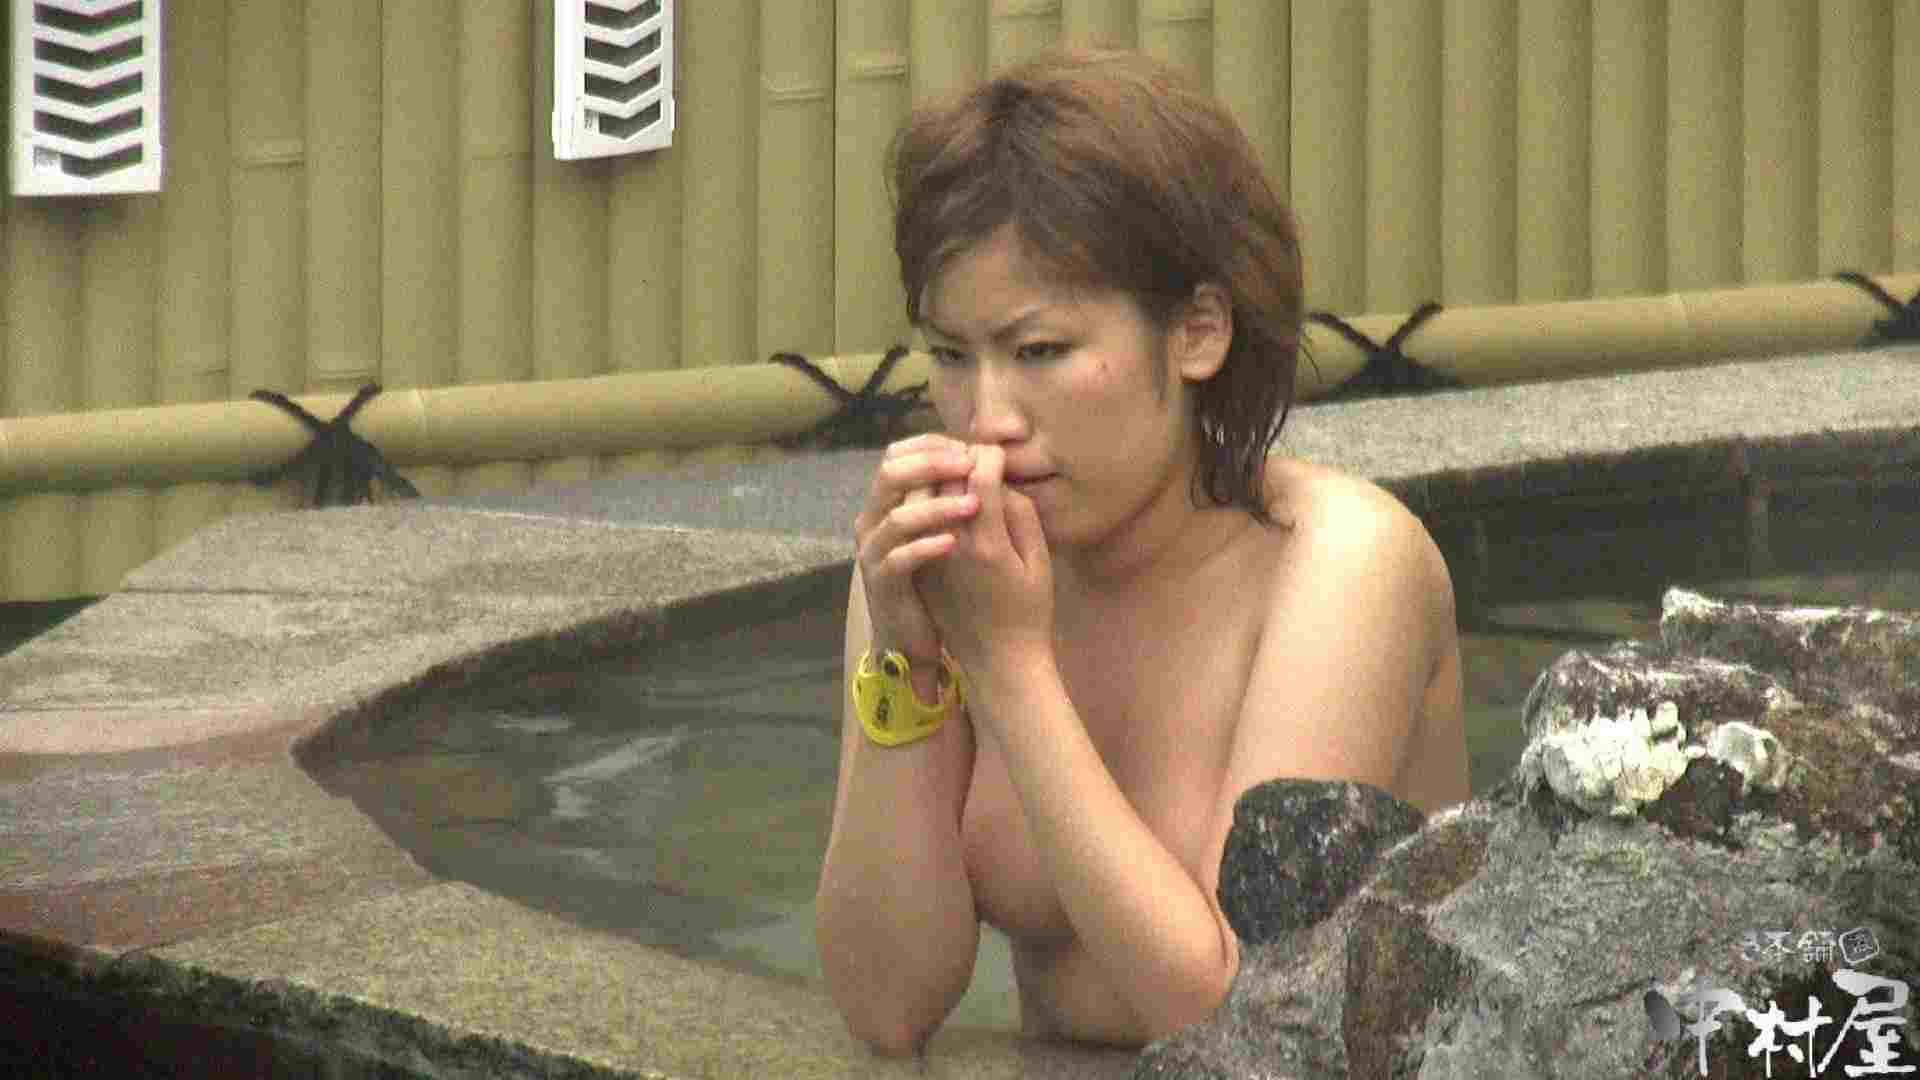 Aquaな露天風呂Vol.918 盗撮師作品 | 美しいOLの裸体  75pic 37